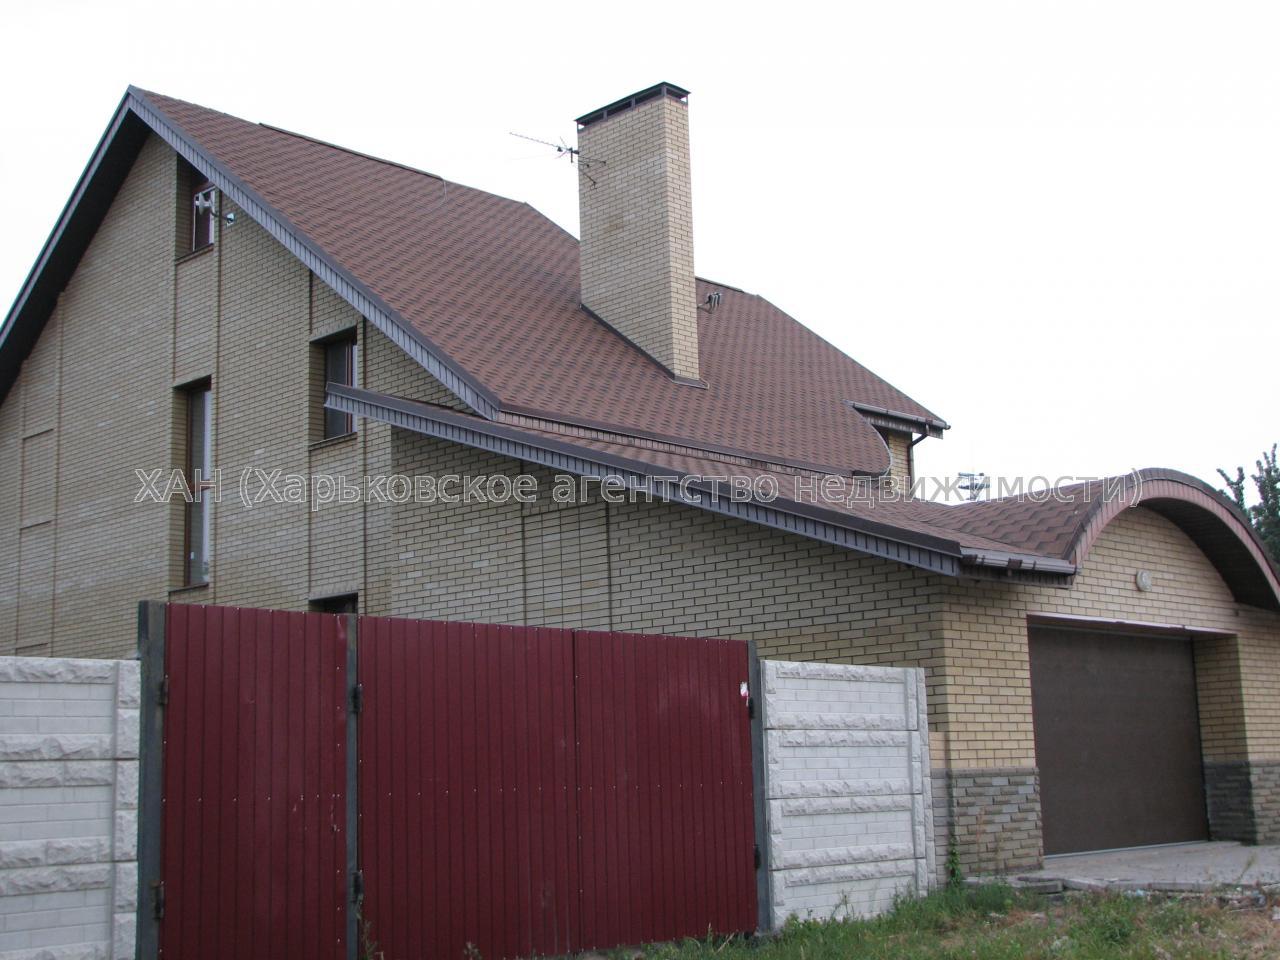 Продам дом Харьков